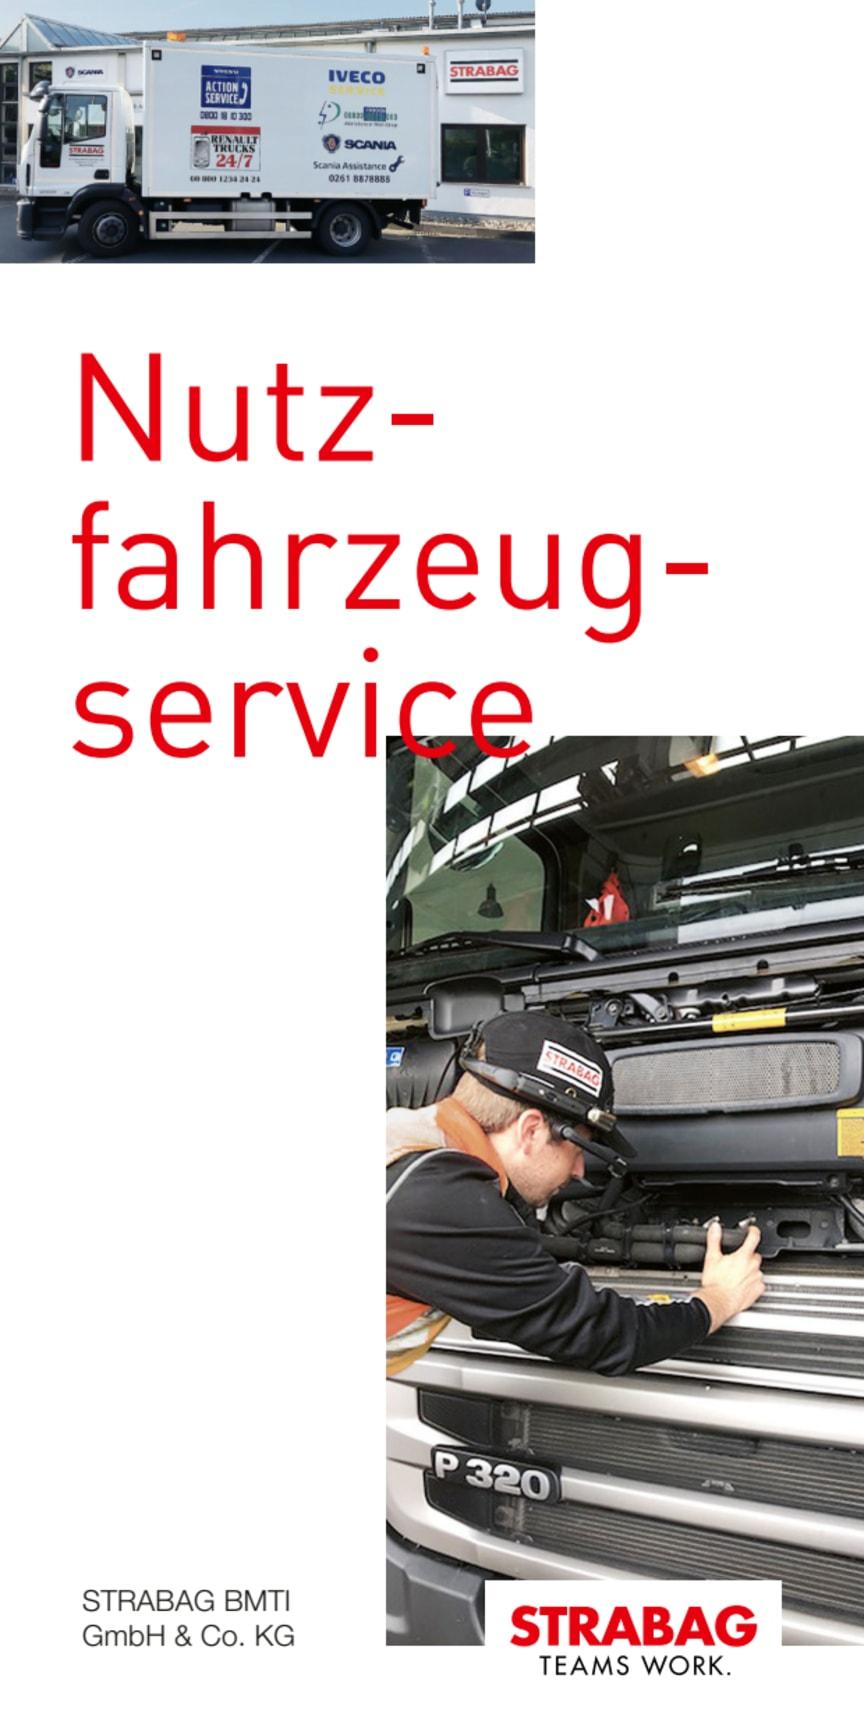 STRABAG BMTI GmbH & Co. KG: Nutzfahrzeugservice